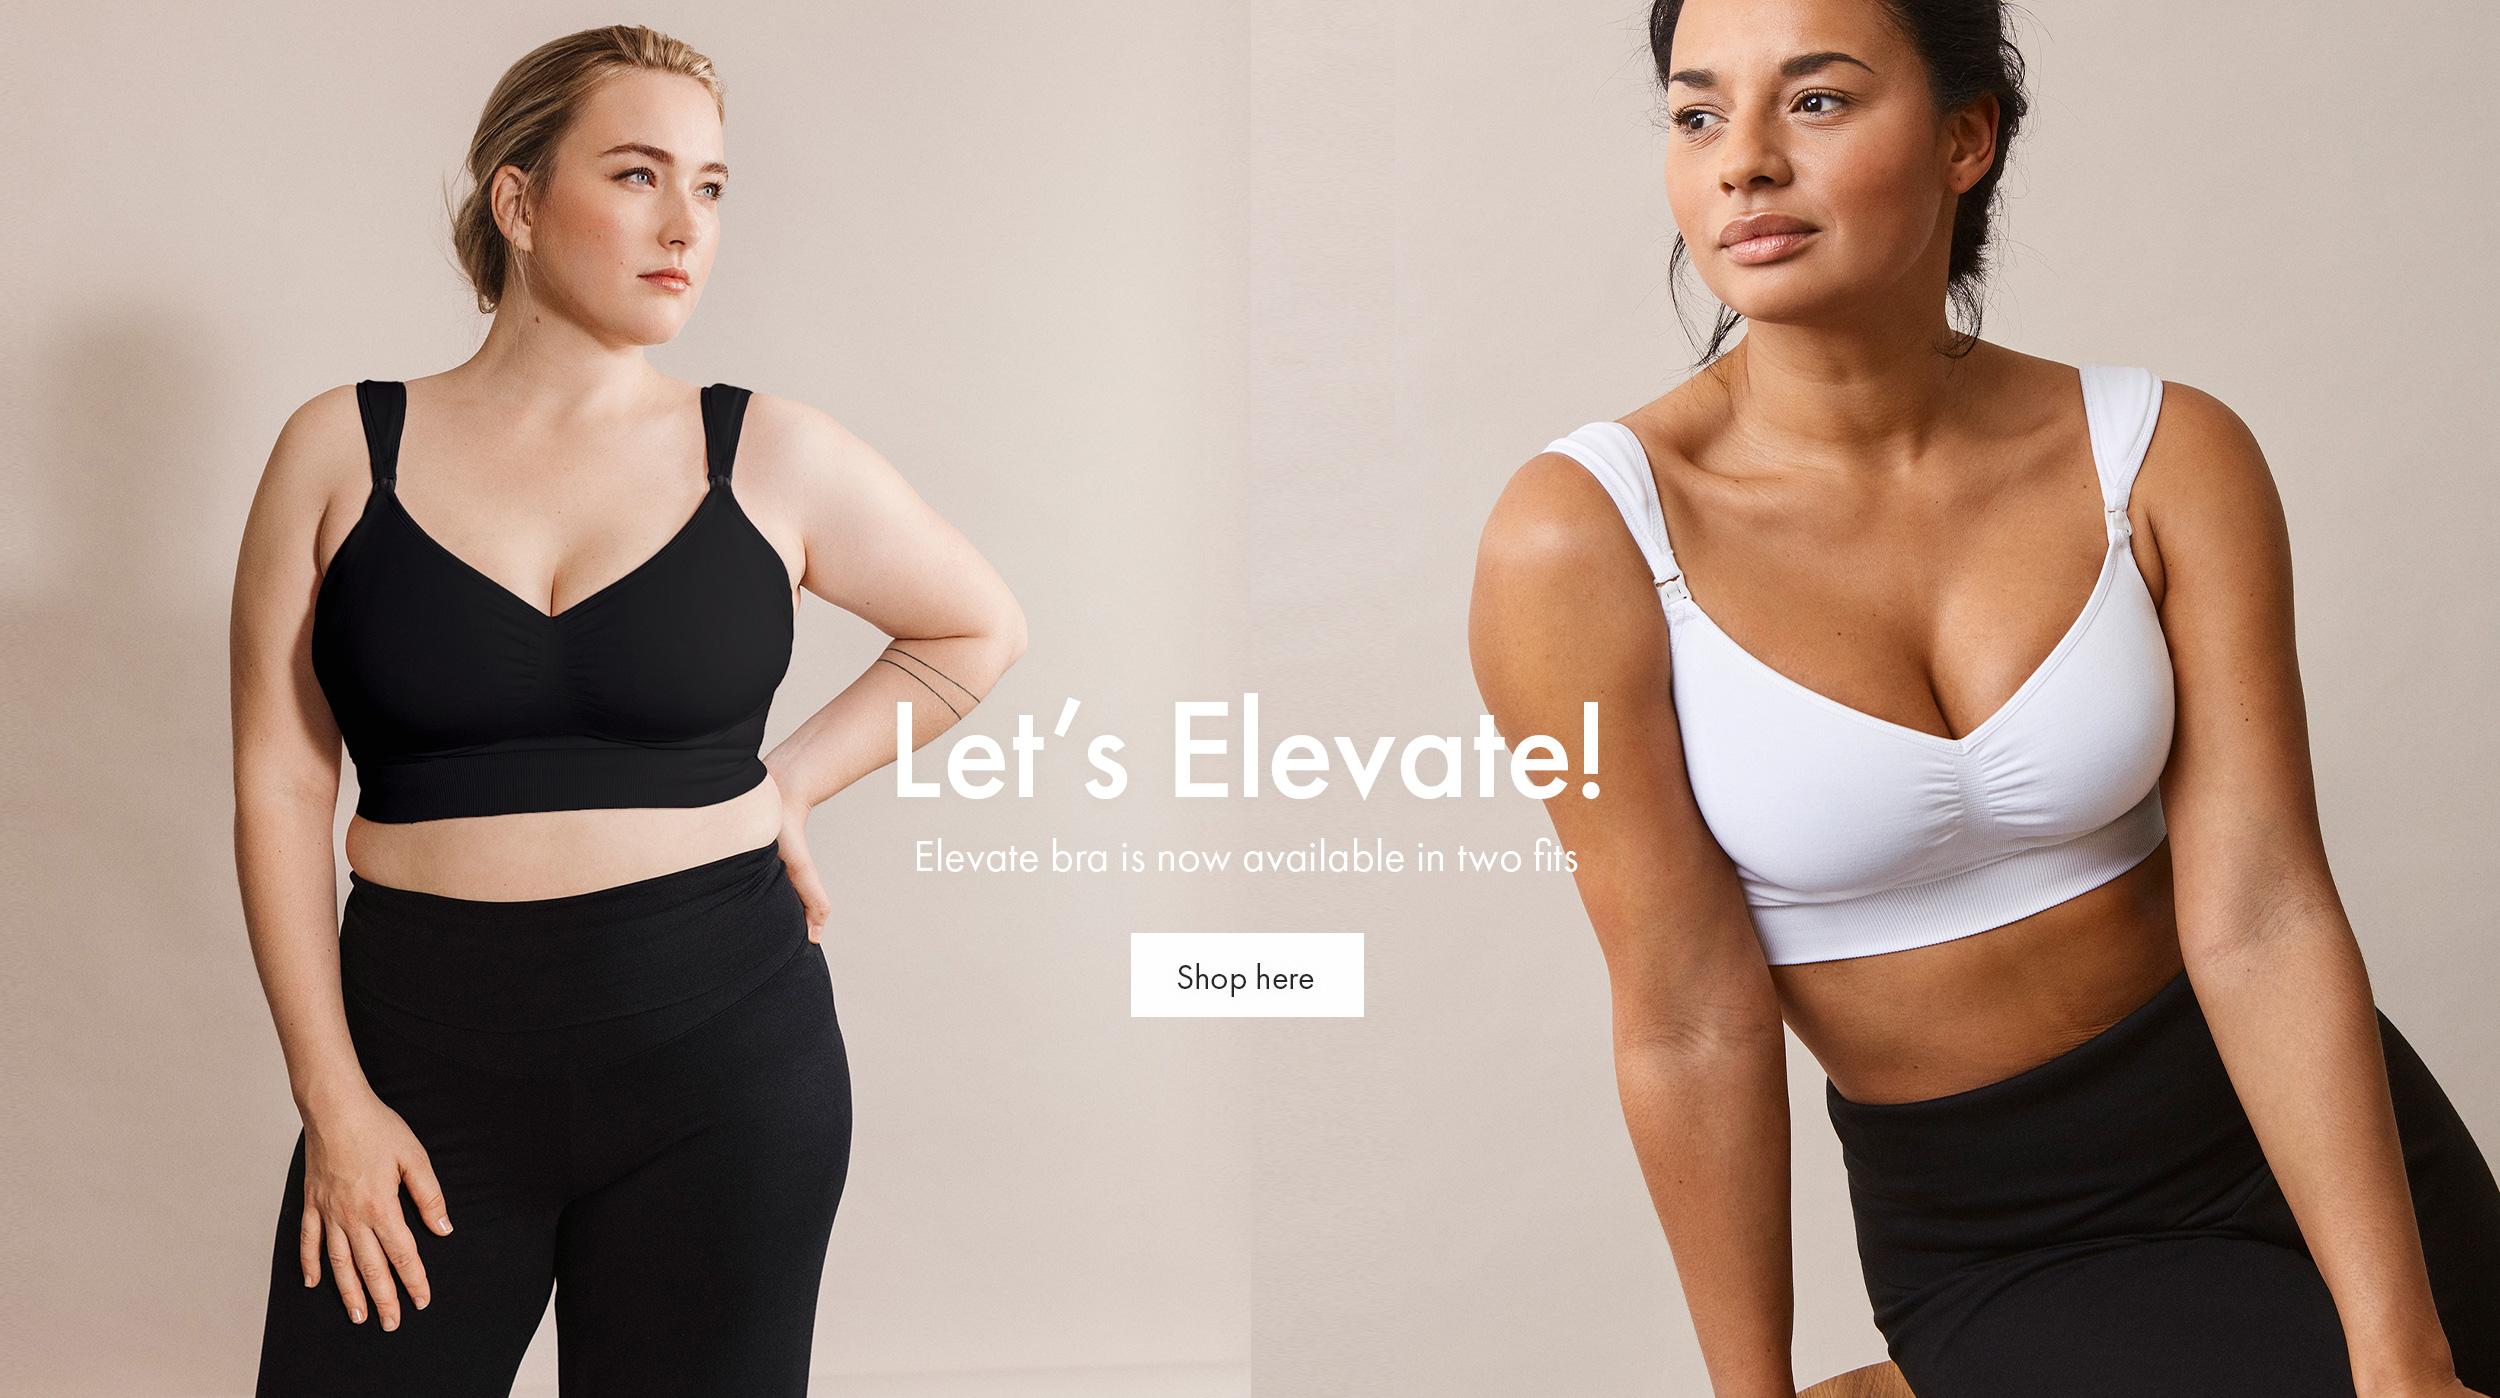 Elevate bra in 2 fits